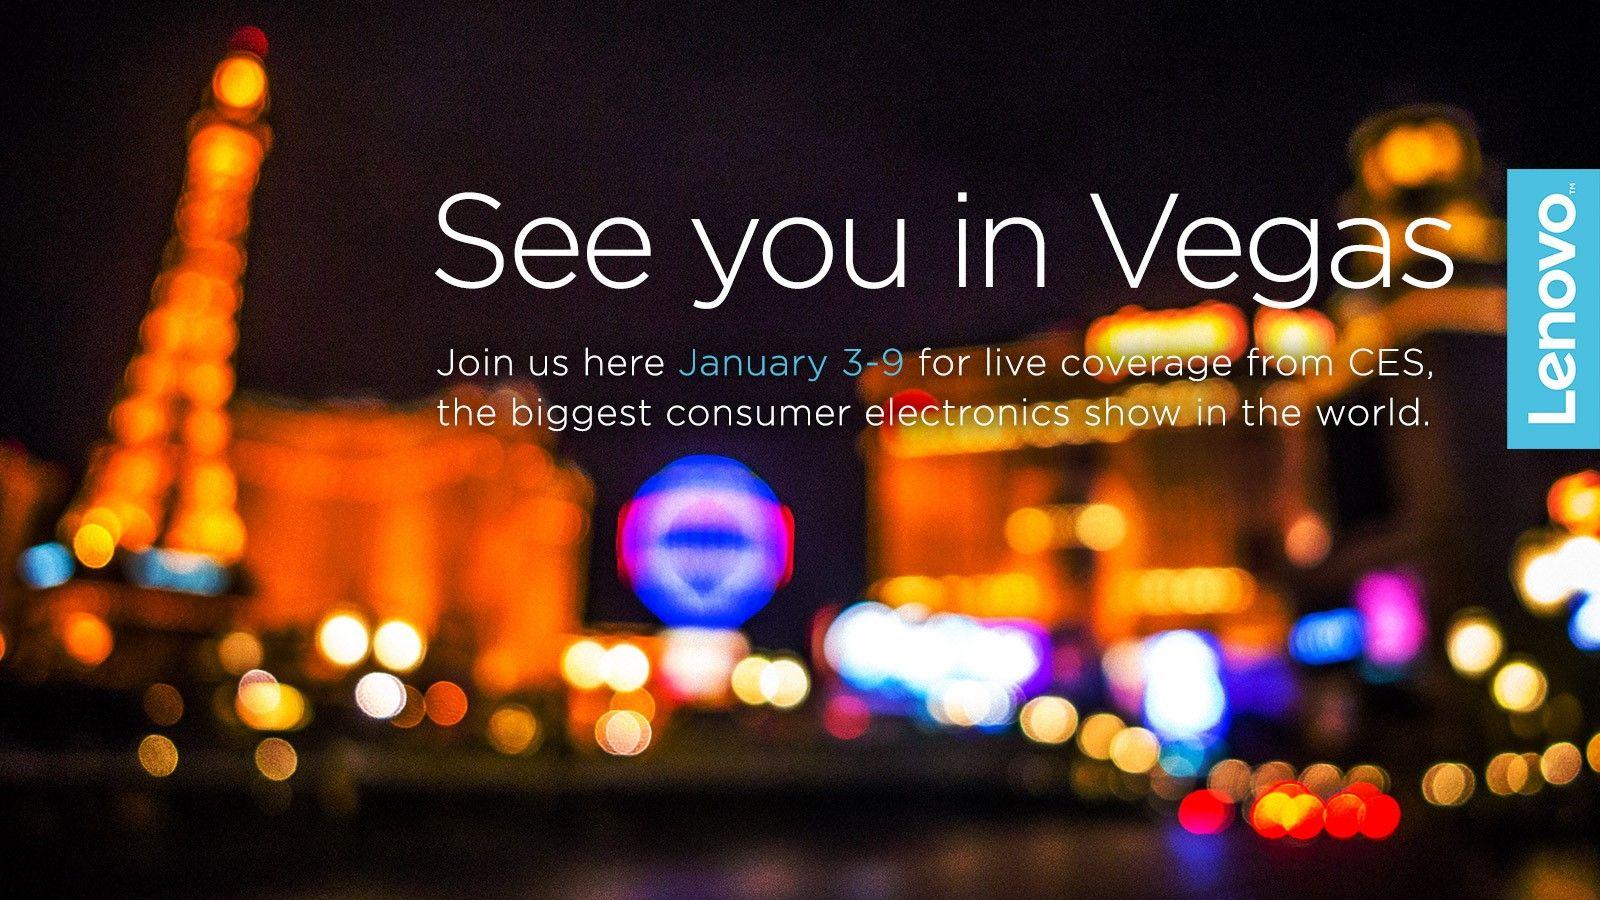 Sei pronto per Las Vegas? Noi sì! Inizia il CES, la più grande fiera internazionale dell'elettronica dove Lenovo presenterà i suoi nuovissimi prodotti... stay tuned!!! #CES2016 #LenovoCES #NeverstandStill